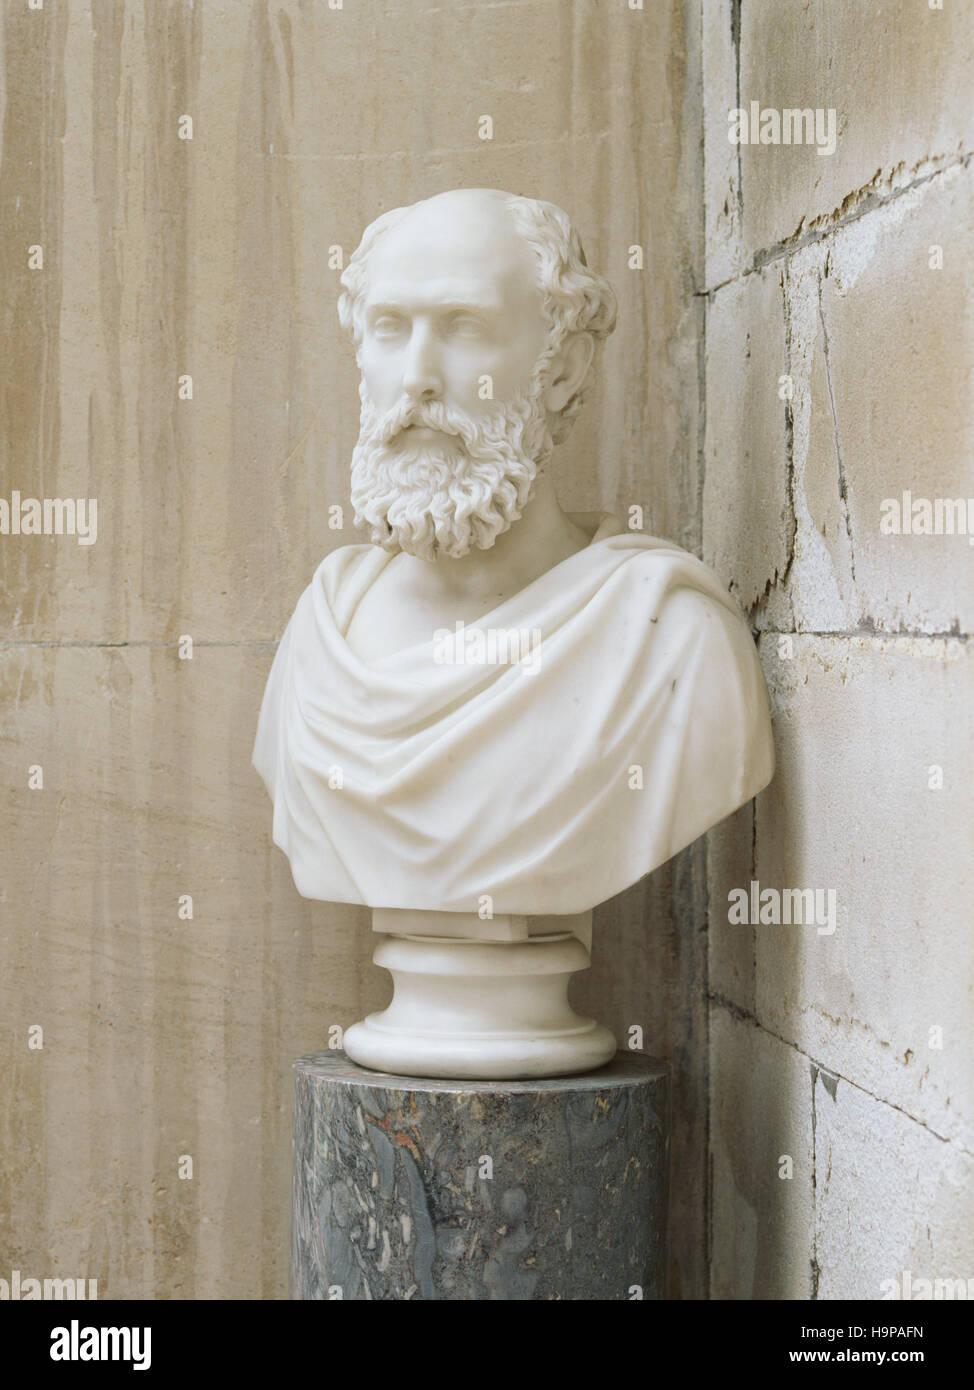 Busto de 19º C (en inglés) de William Henry Pole-Carew (1811-88) en el Porche en Antony House. Foto de stock